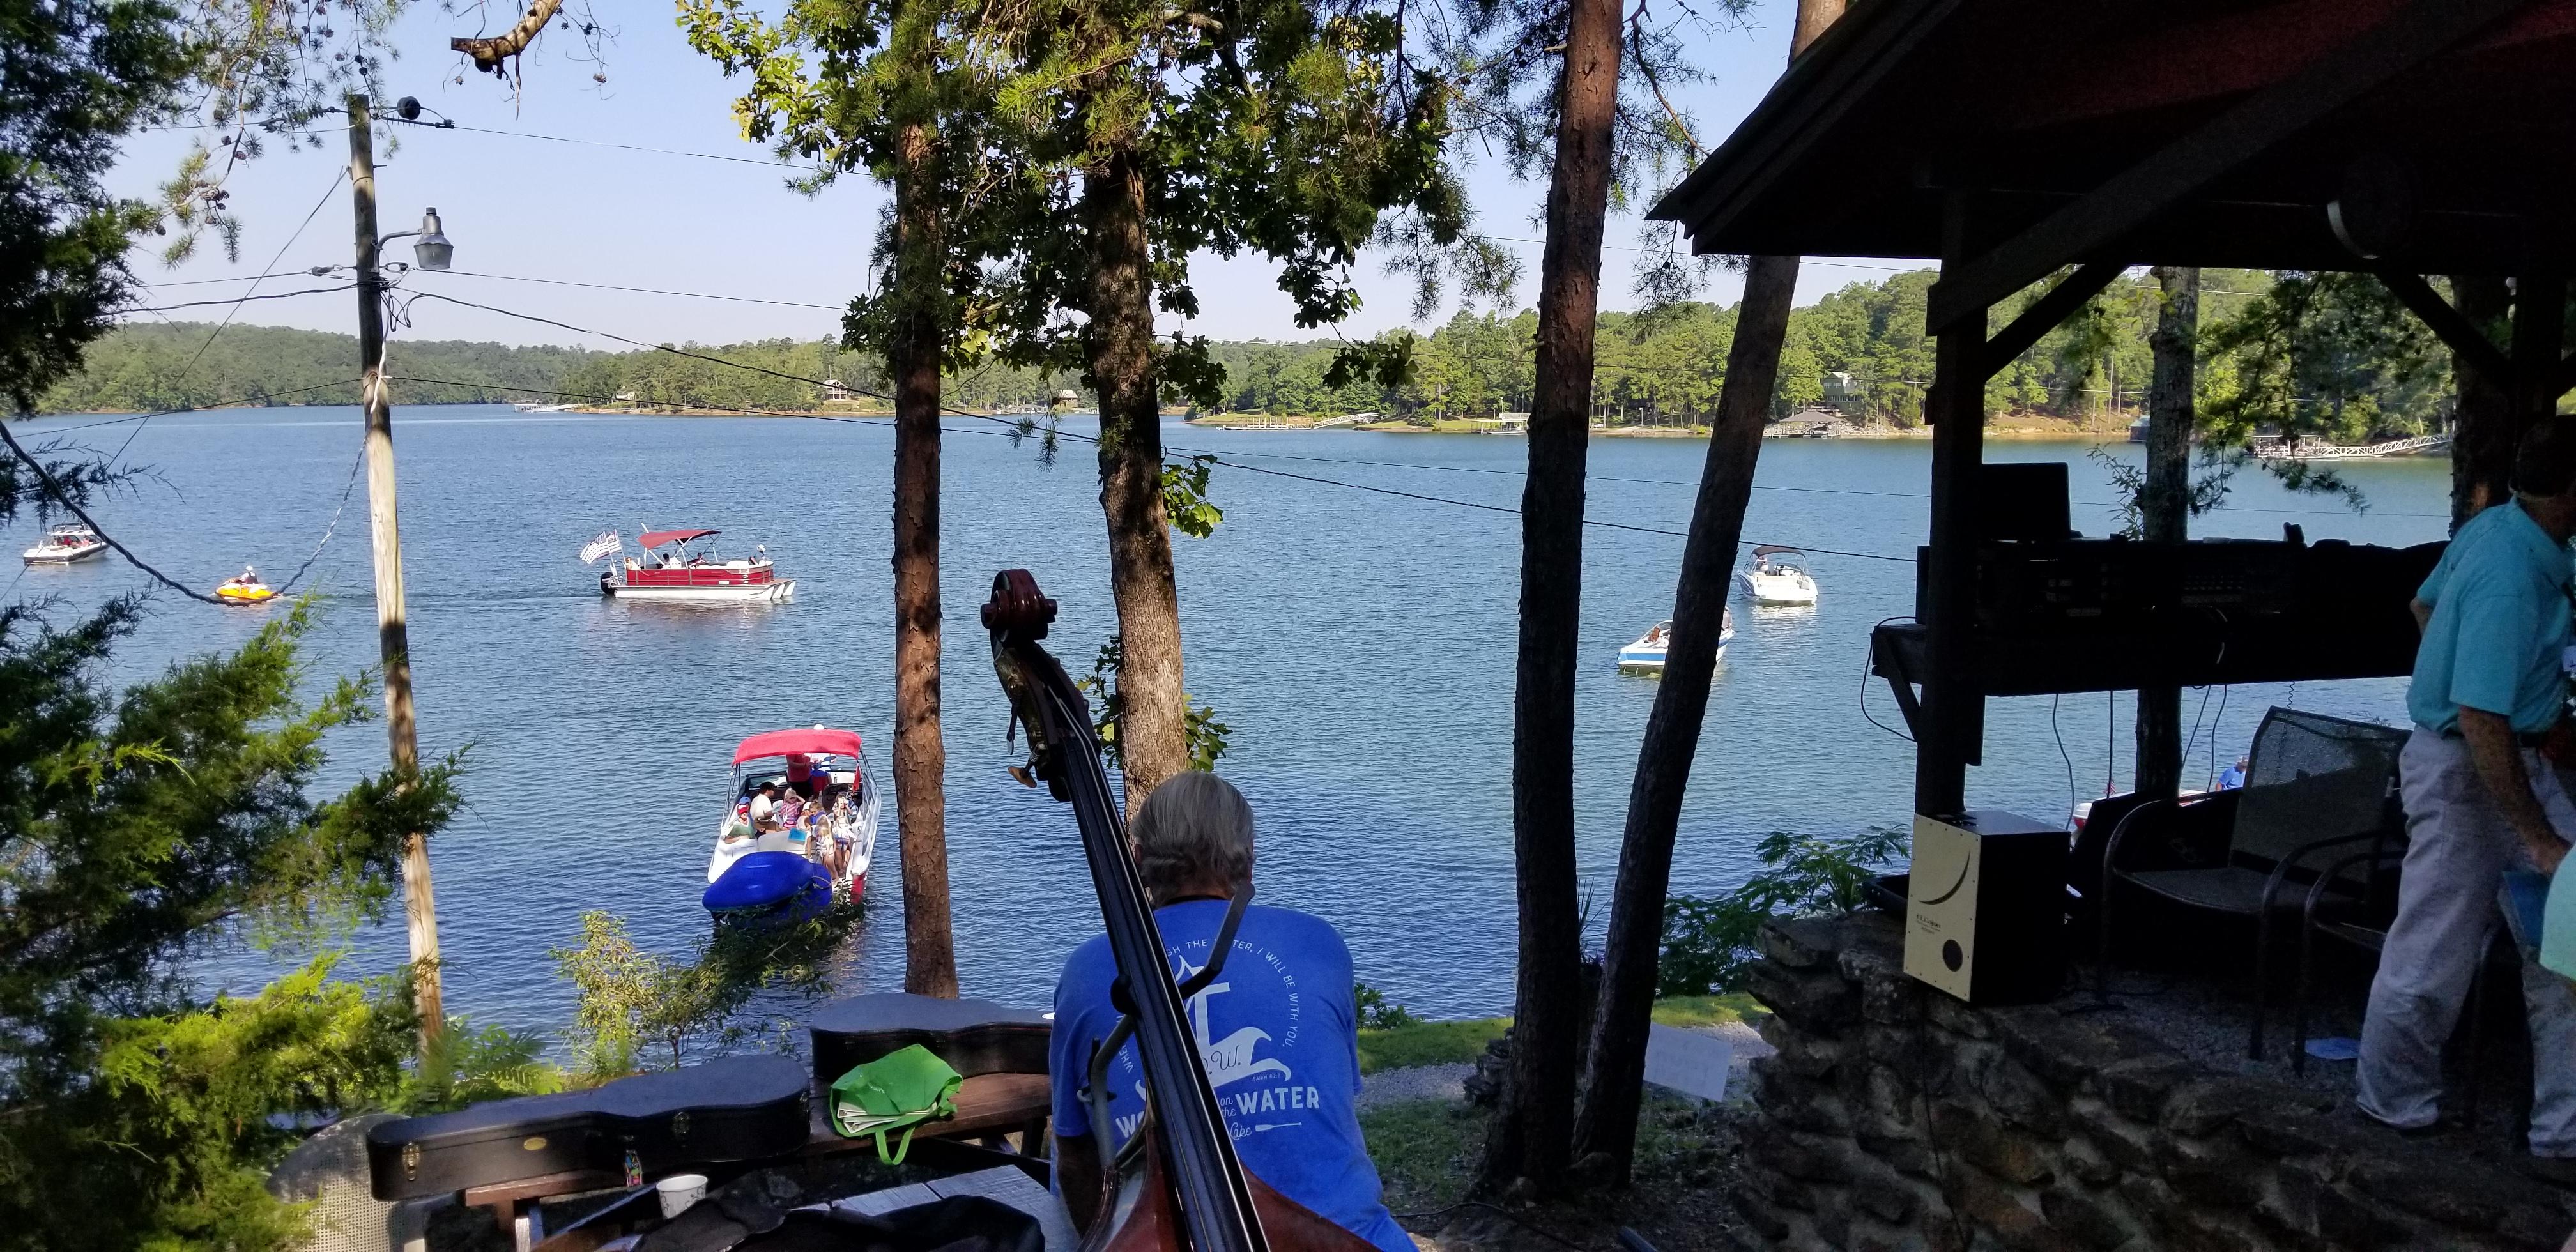 Boats, July 22, 2018